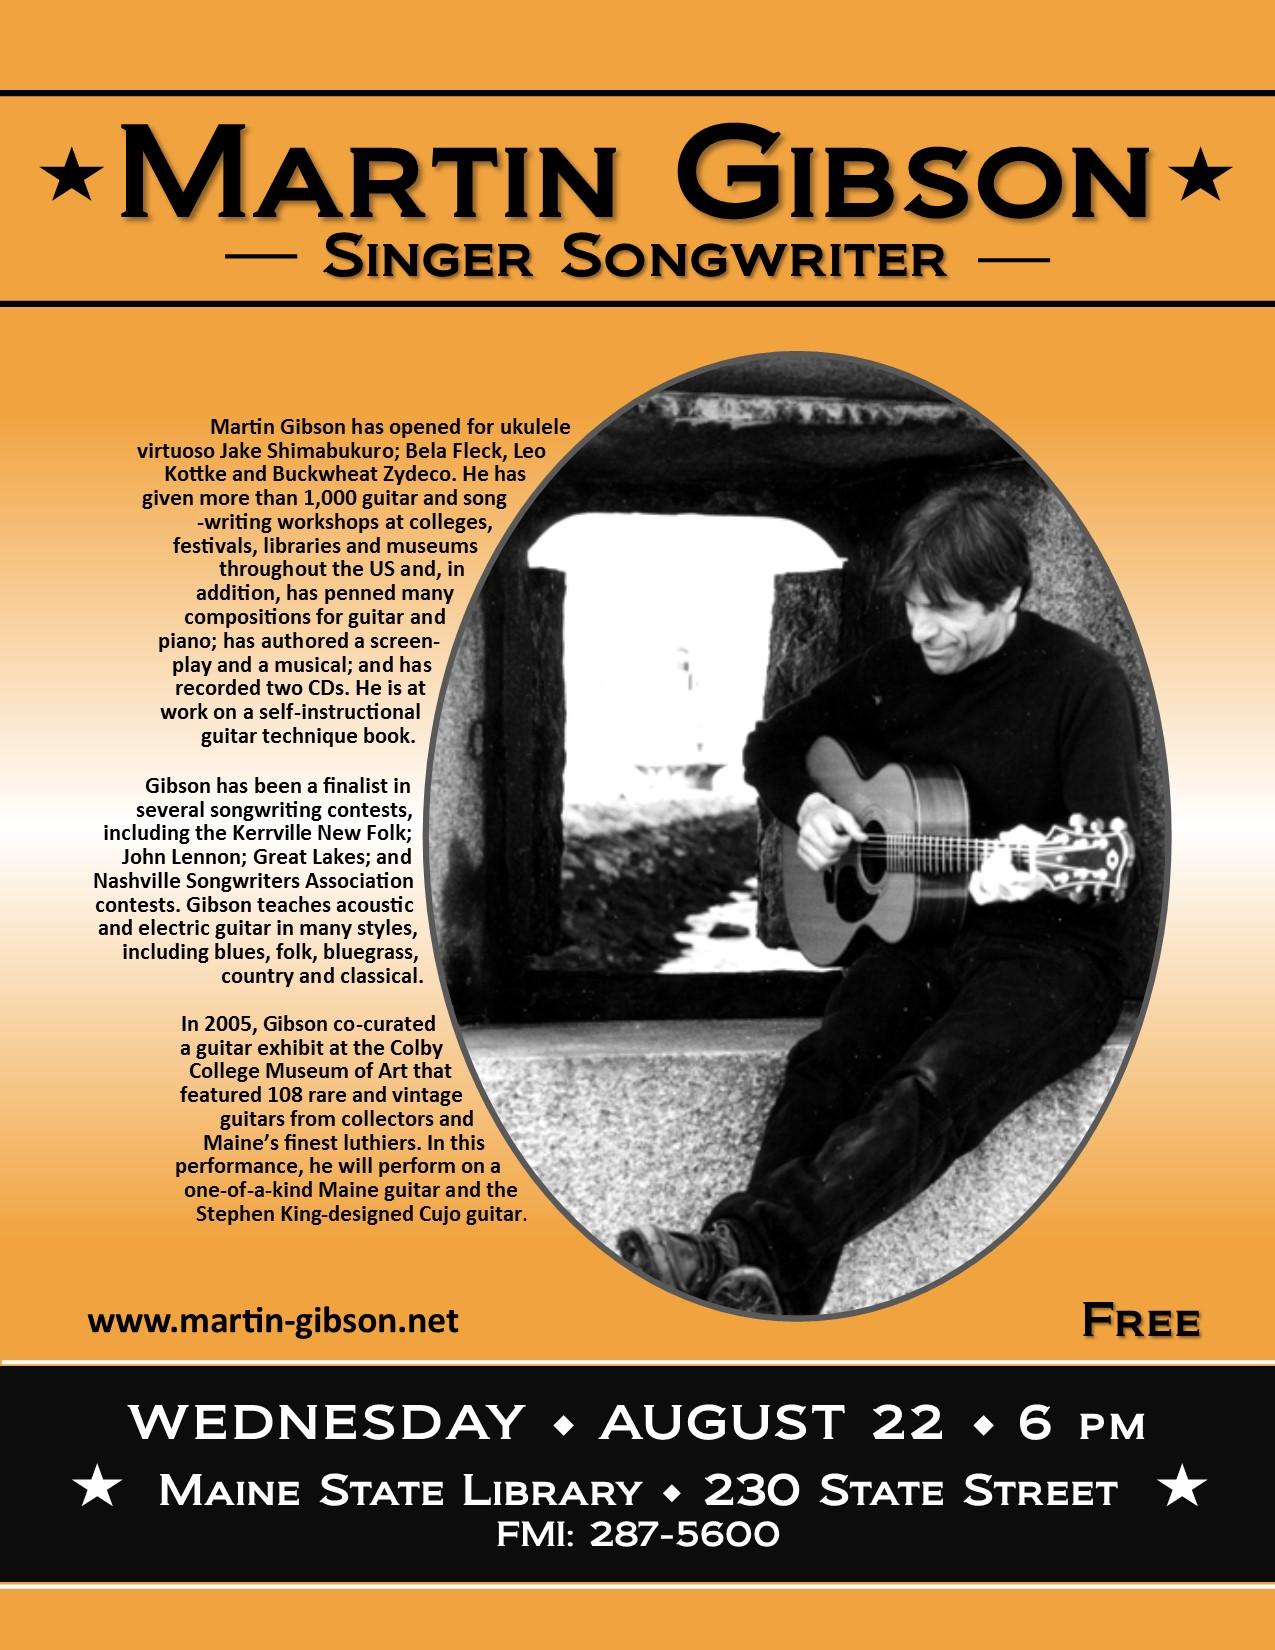 Martin Gibson - Singer Songwriter